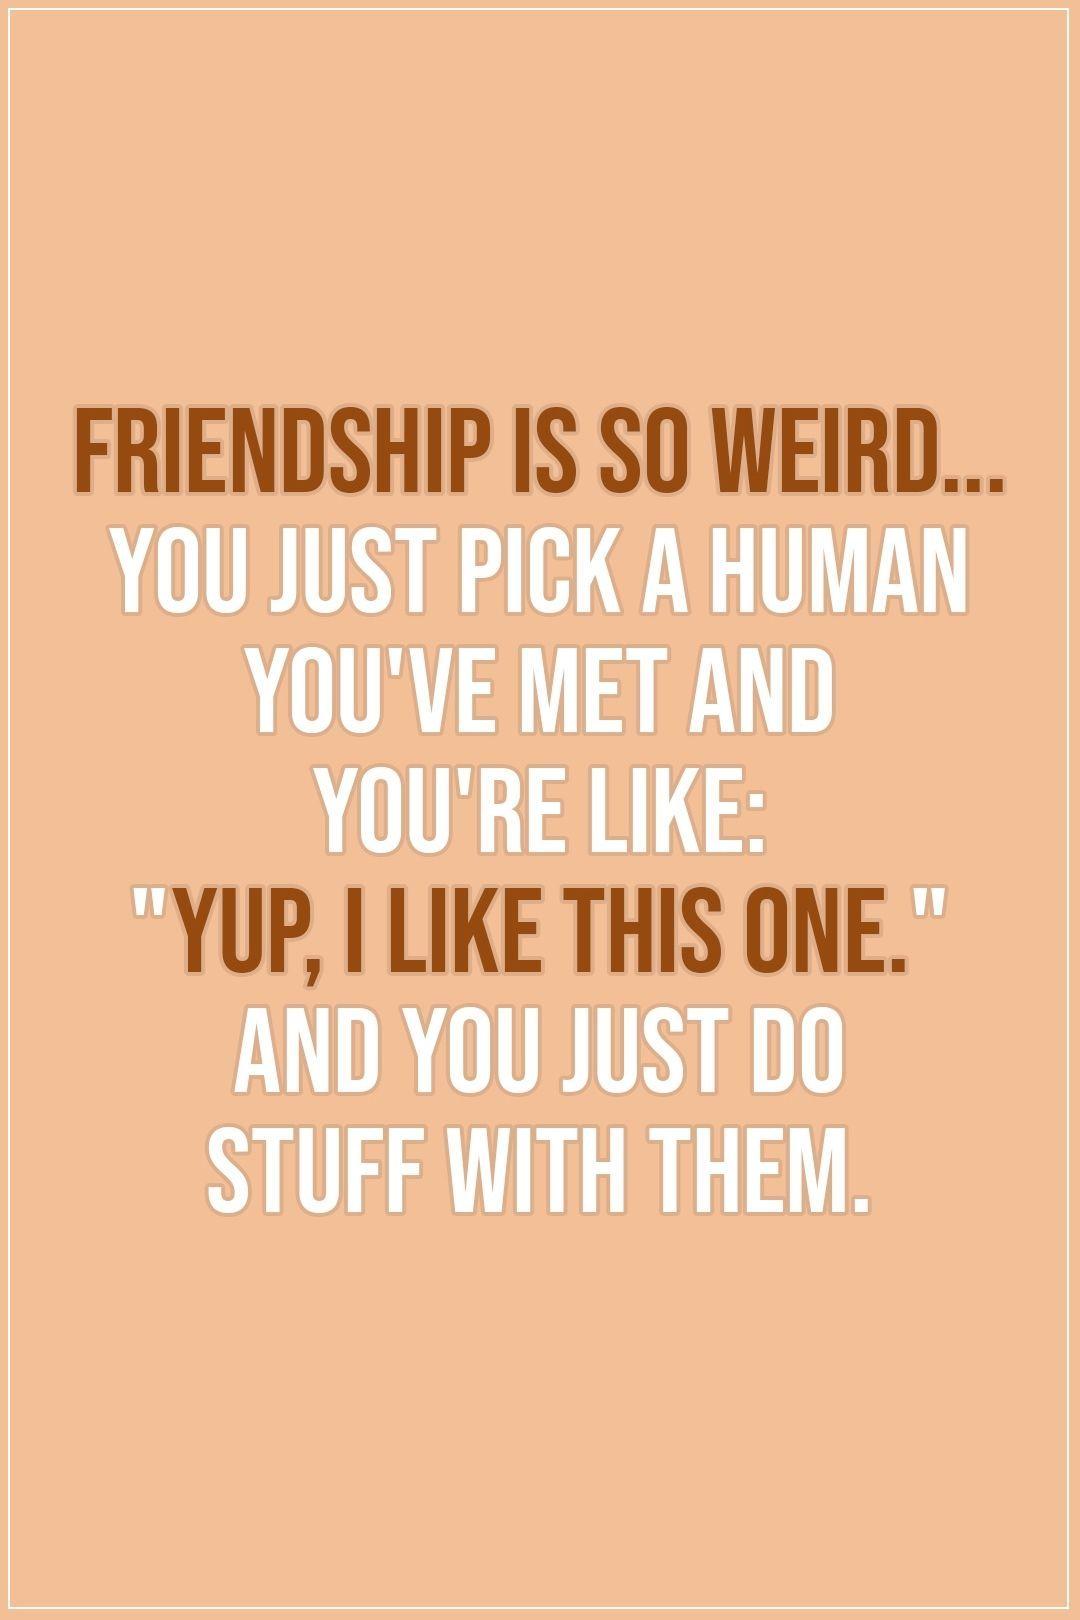 50 Beste Freundschafts Zitate Spruche Friends Quotes Funny Friends Quotes Friendship Quotes Funny